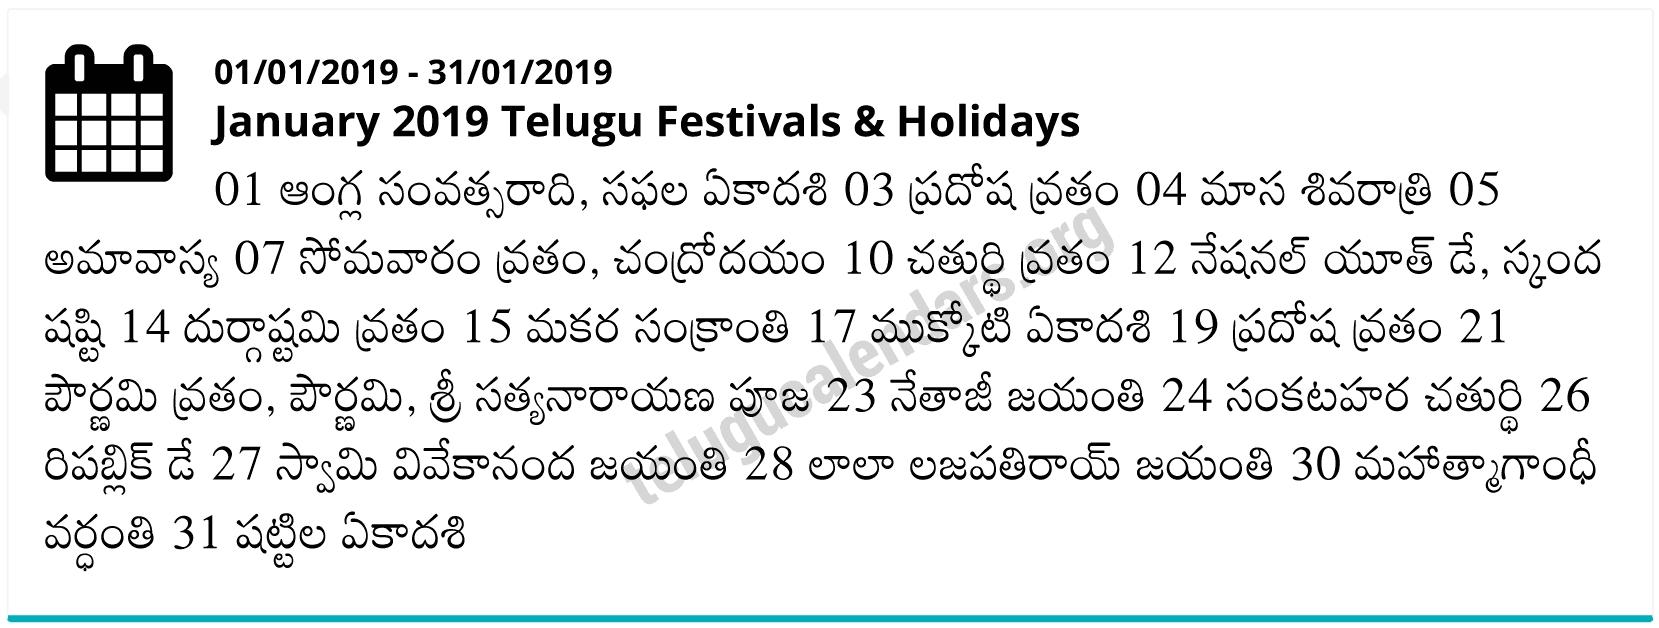 Telangana | Telugu Calendars 2019 January Festivals Pdf Calendar Of 2019 With Festivals